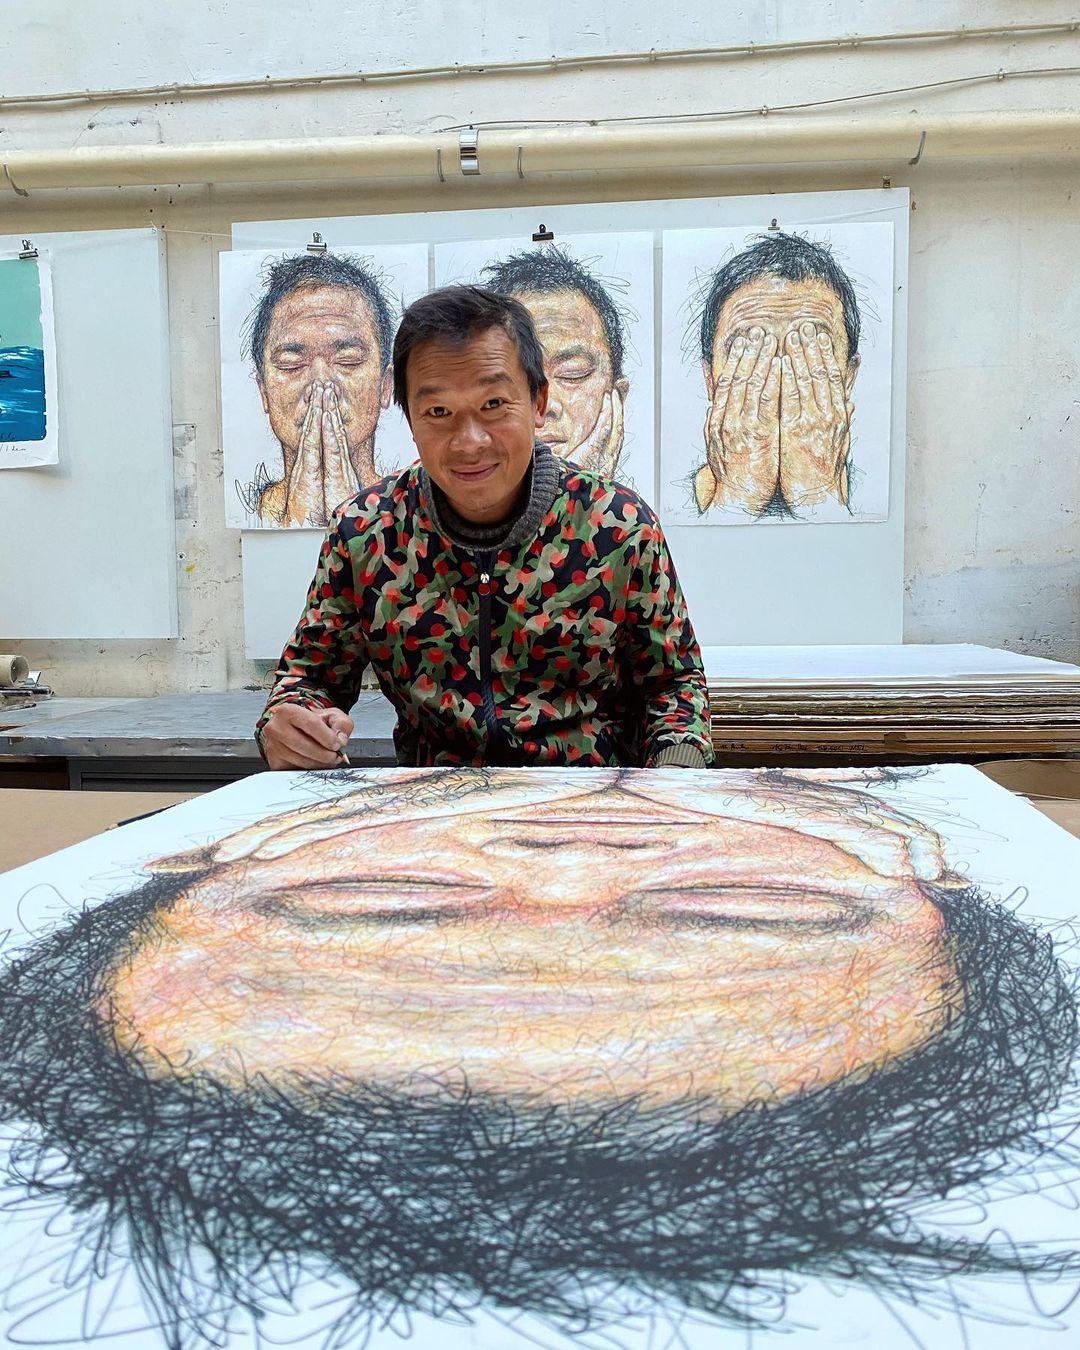 Hom Nguyen và BST Hidden gồm 3 bức tự họa chính bản thân.